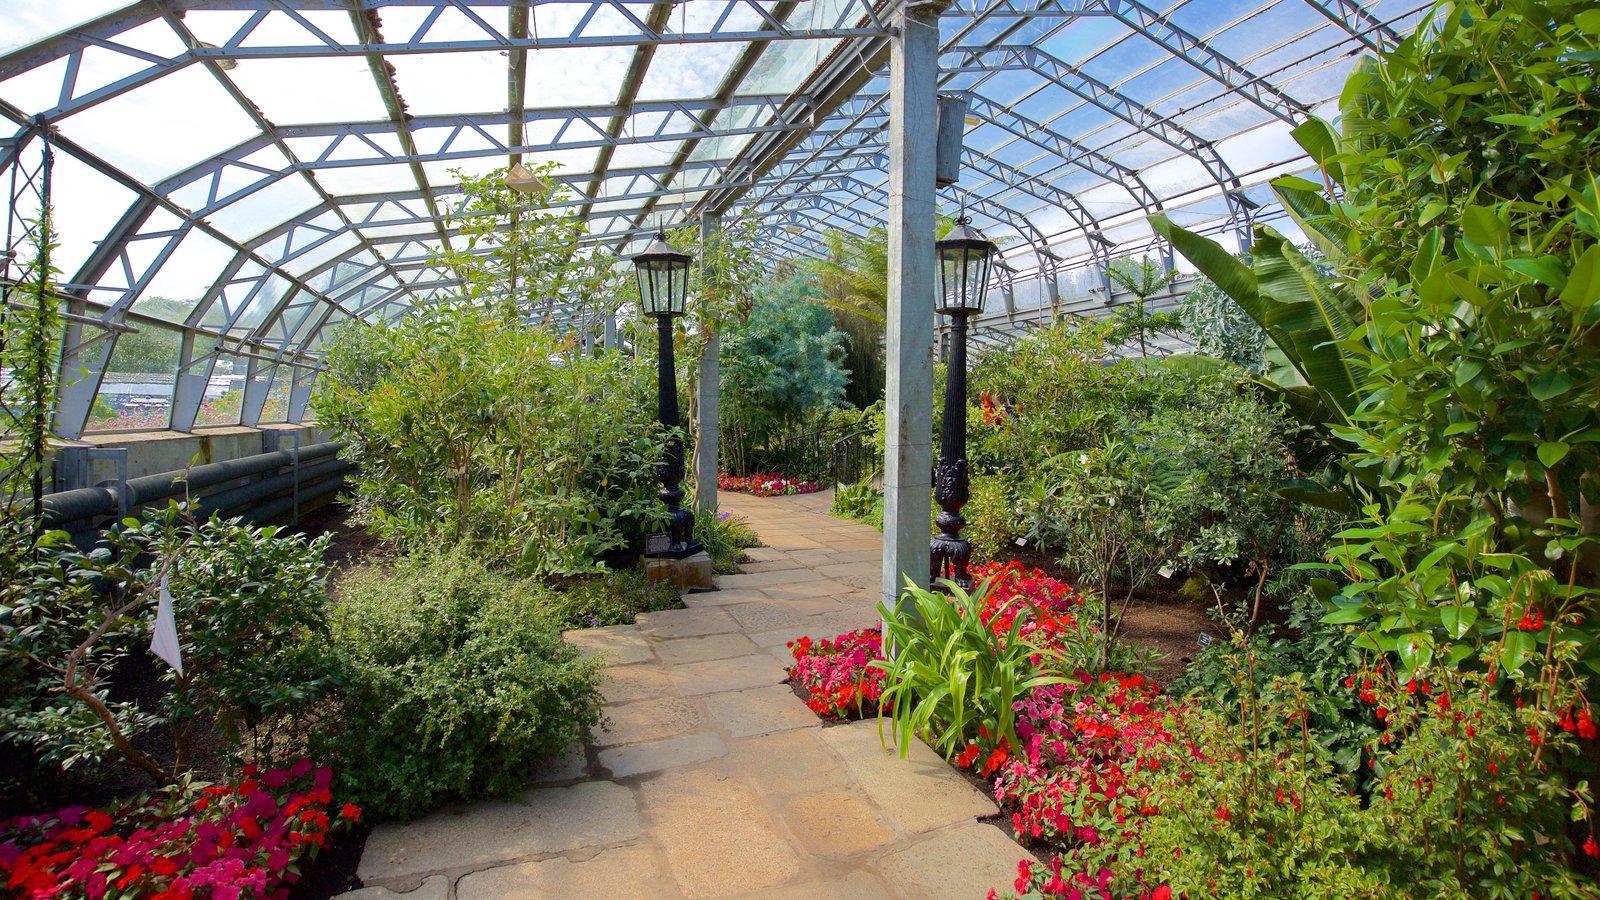 Duthie Park Winter Gardens mostrando un jardín y vistas interiores